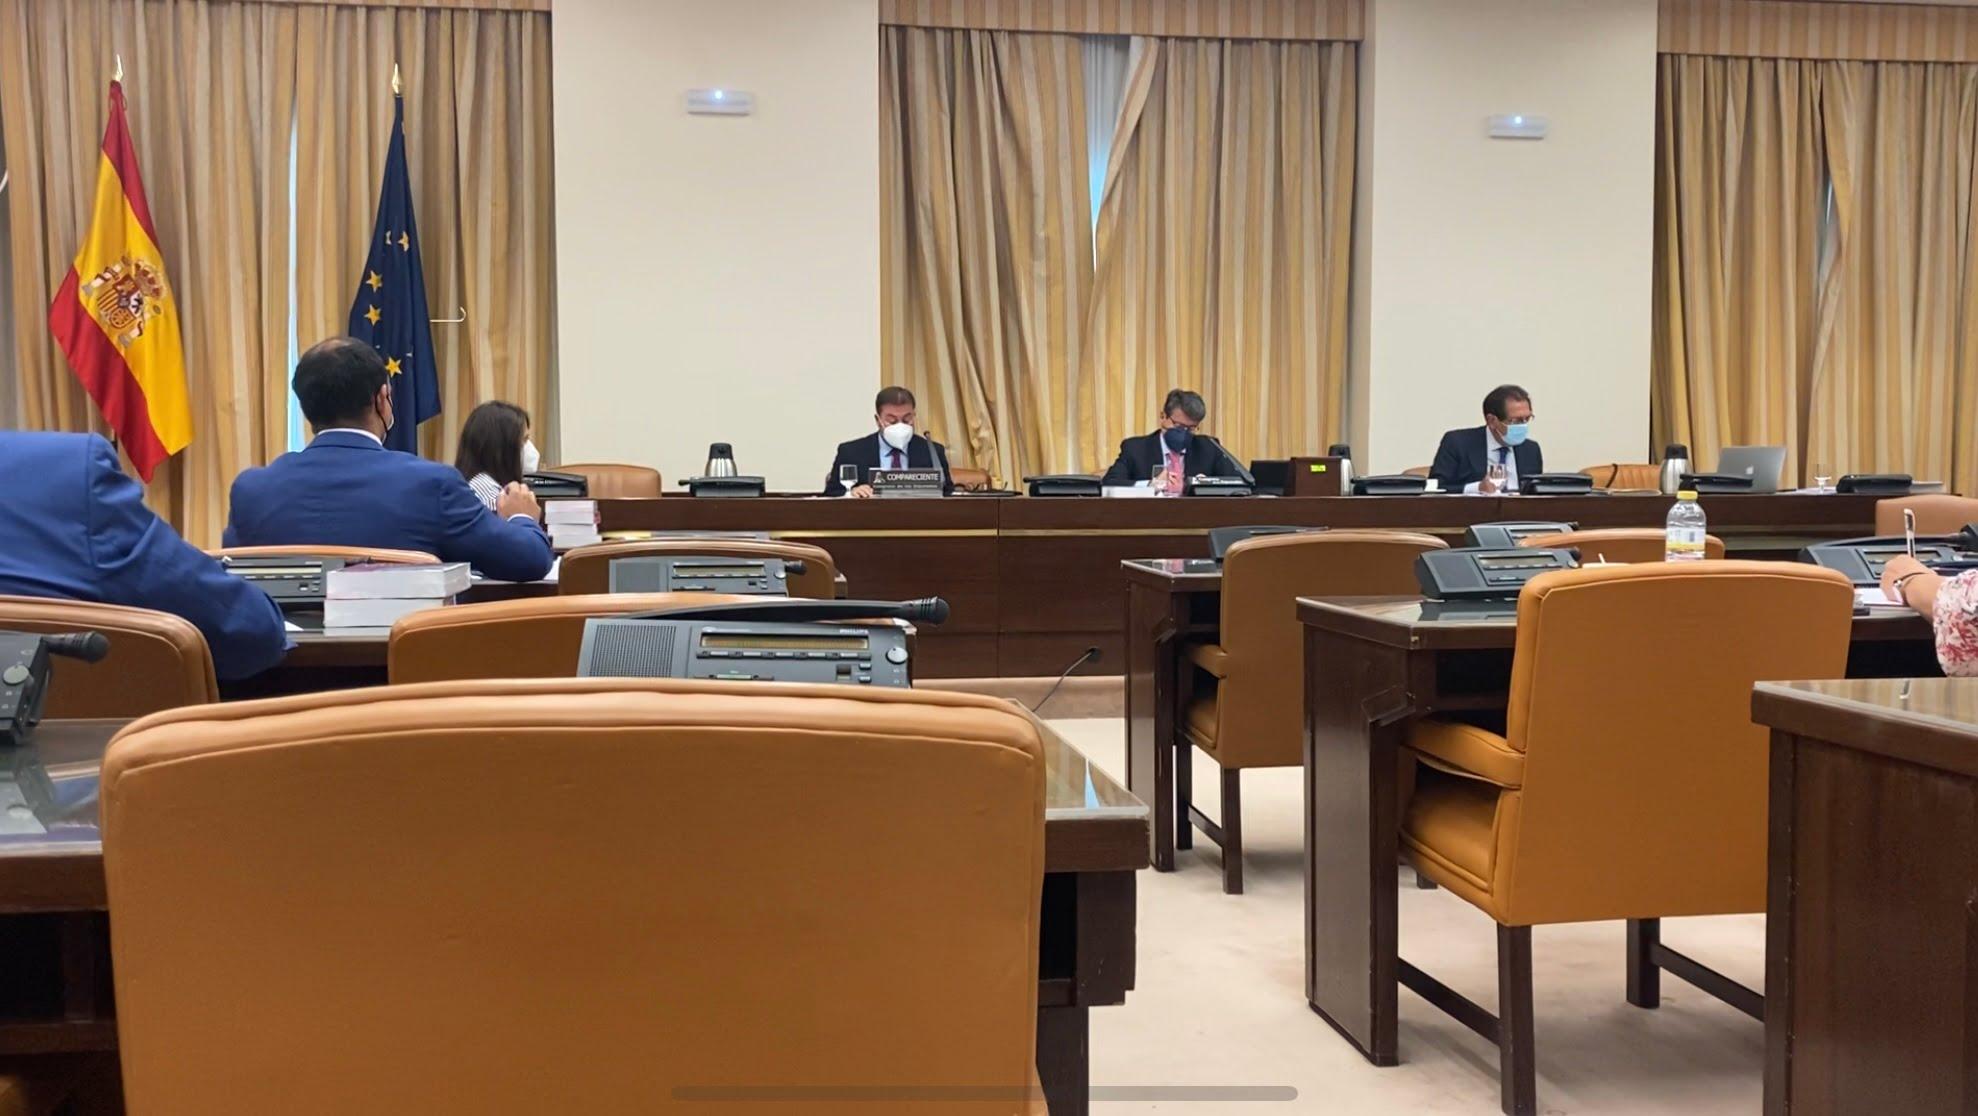 Propuestas para la Seguridad Vial Infantil ante la Comisión de Tráfico y Seguridad Vial del Congreso de los Diputados